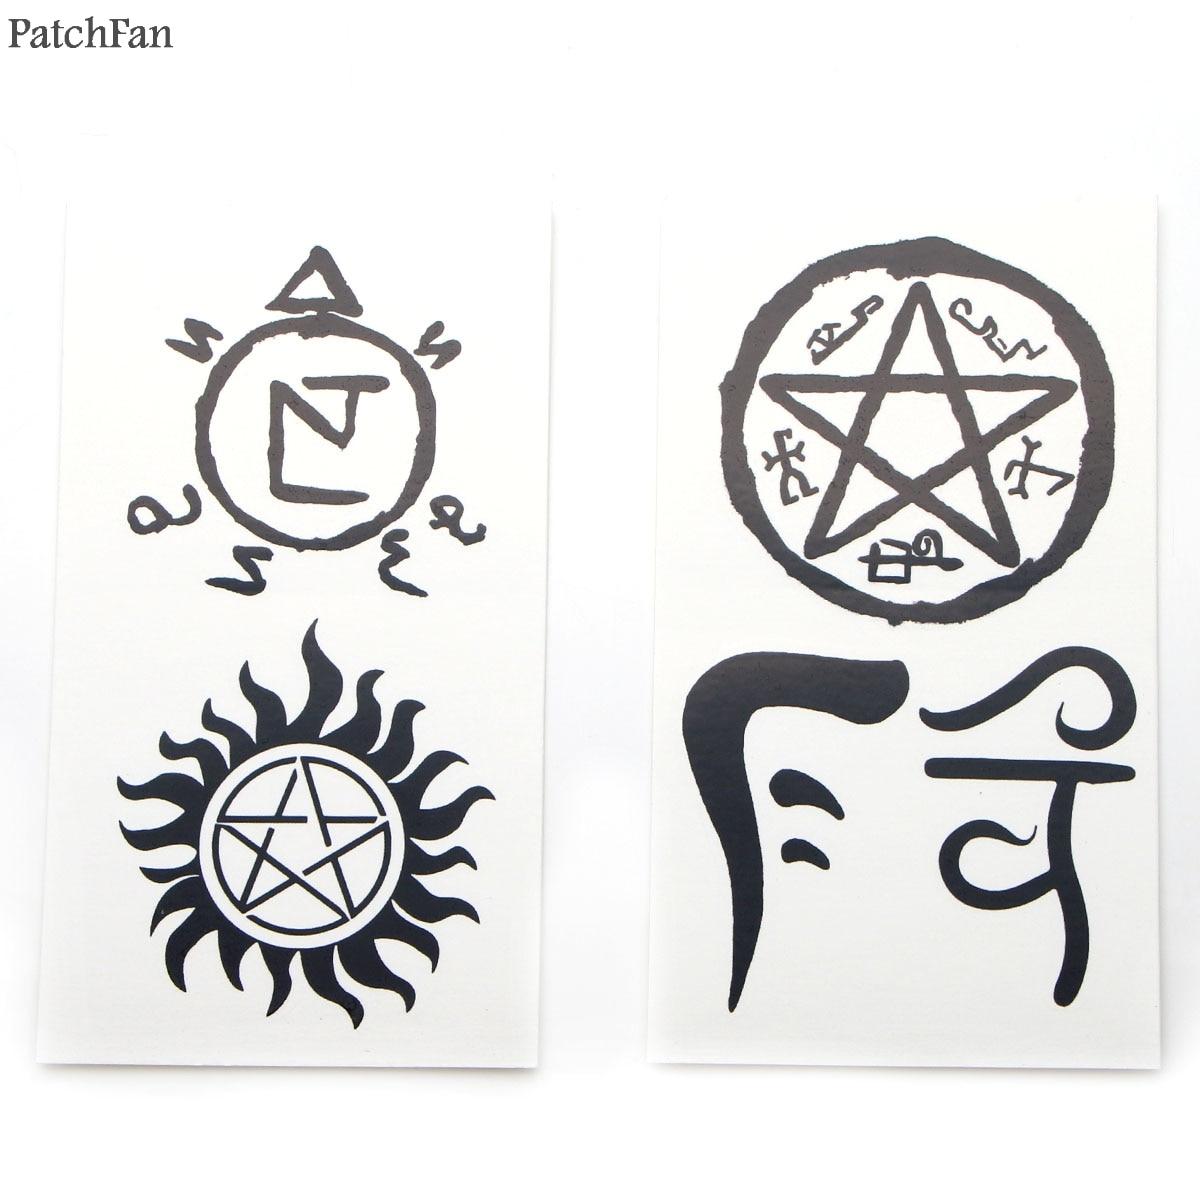 50 unids/set Patchfan sobrenatural del arte de cuerpo del tatuaje temporal etiqueta para los hombres y las mujeres maquillaje para cosplay hombro brazo dropshipping. Exclusivo. A1166